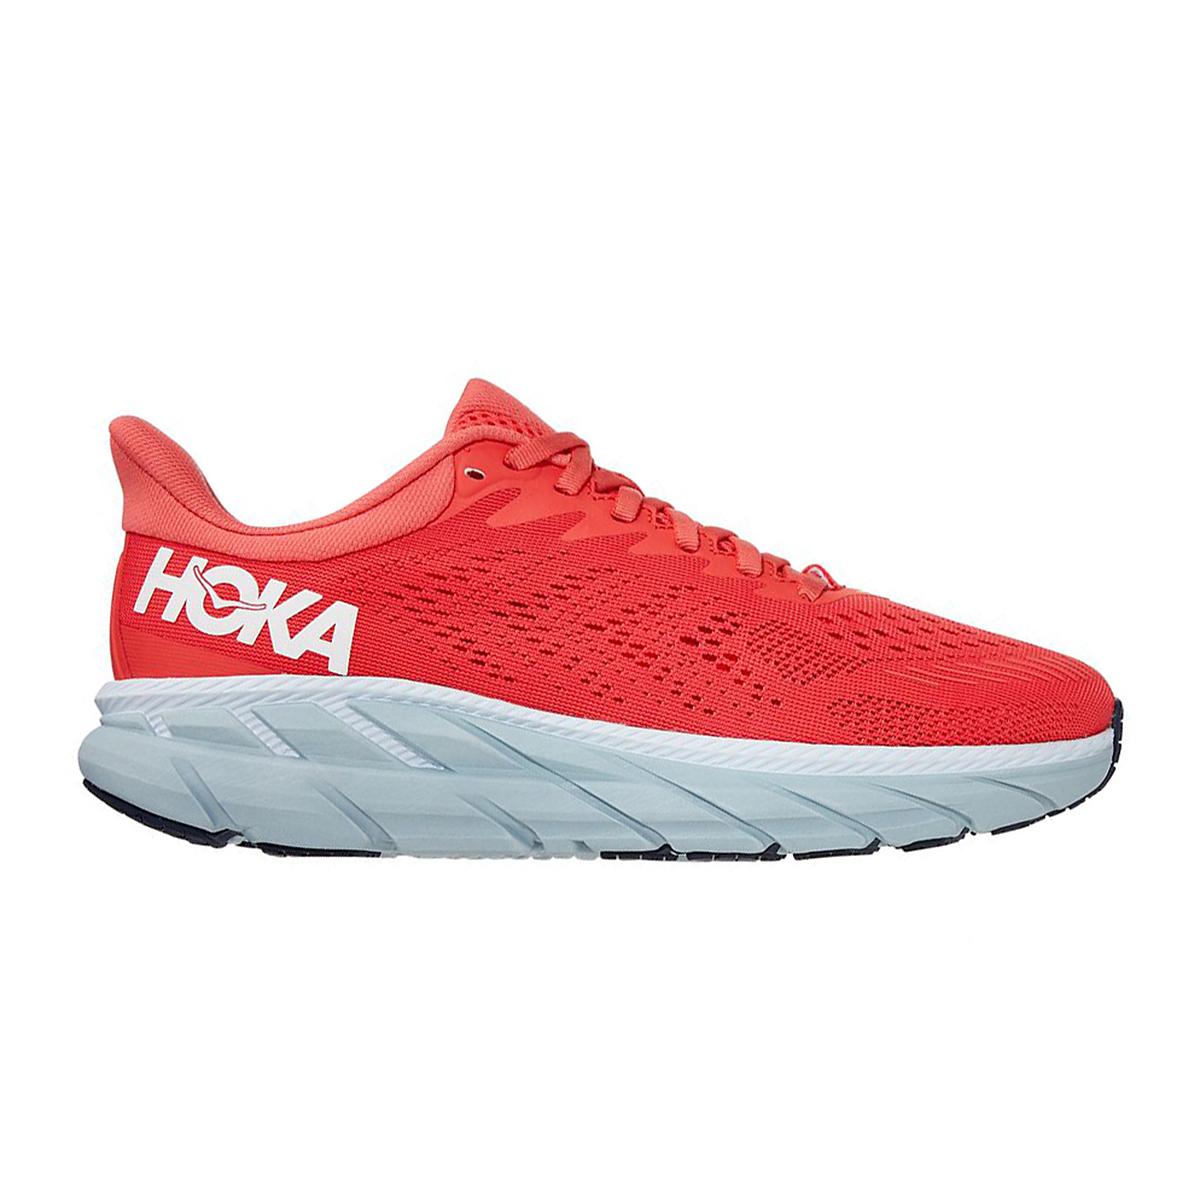 Women's Hoka One One Clifton 7 Running Shoe, , large, image 1